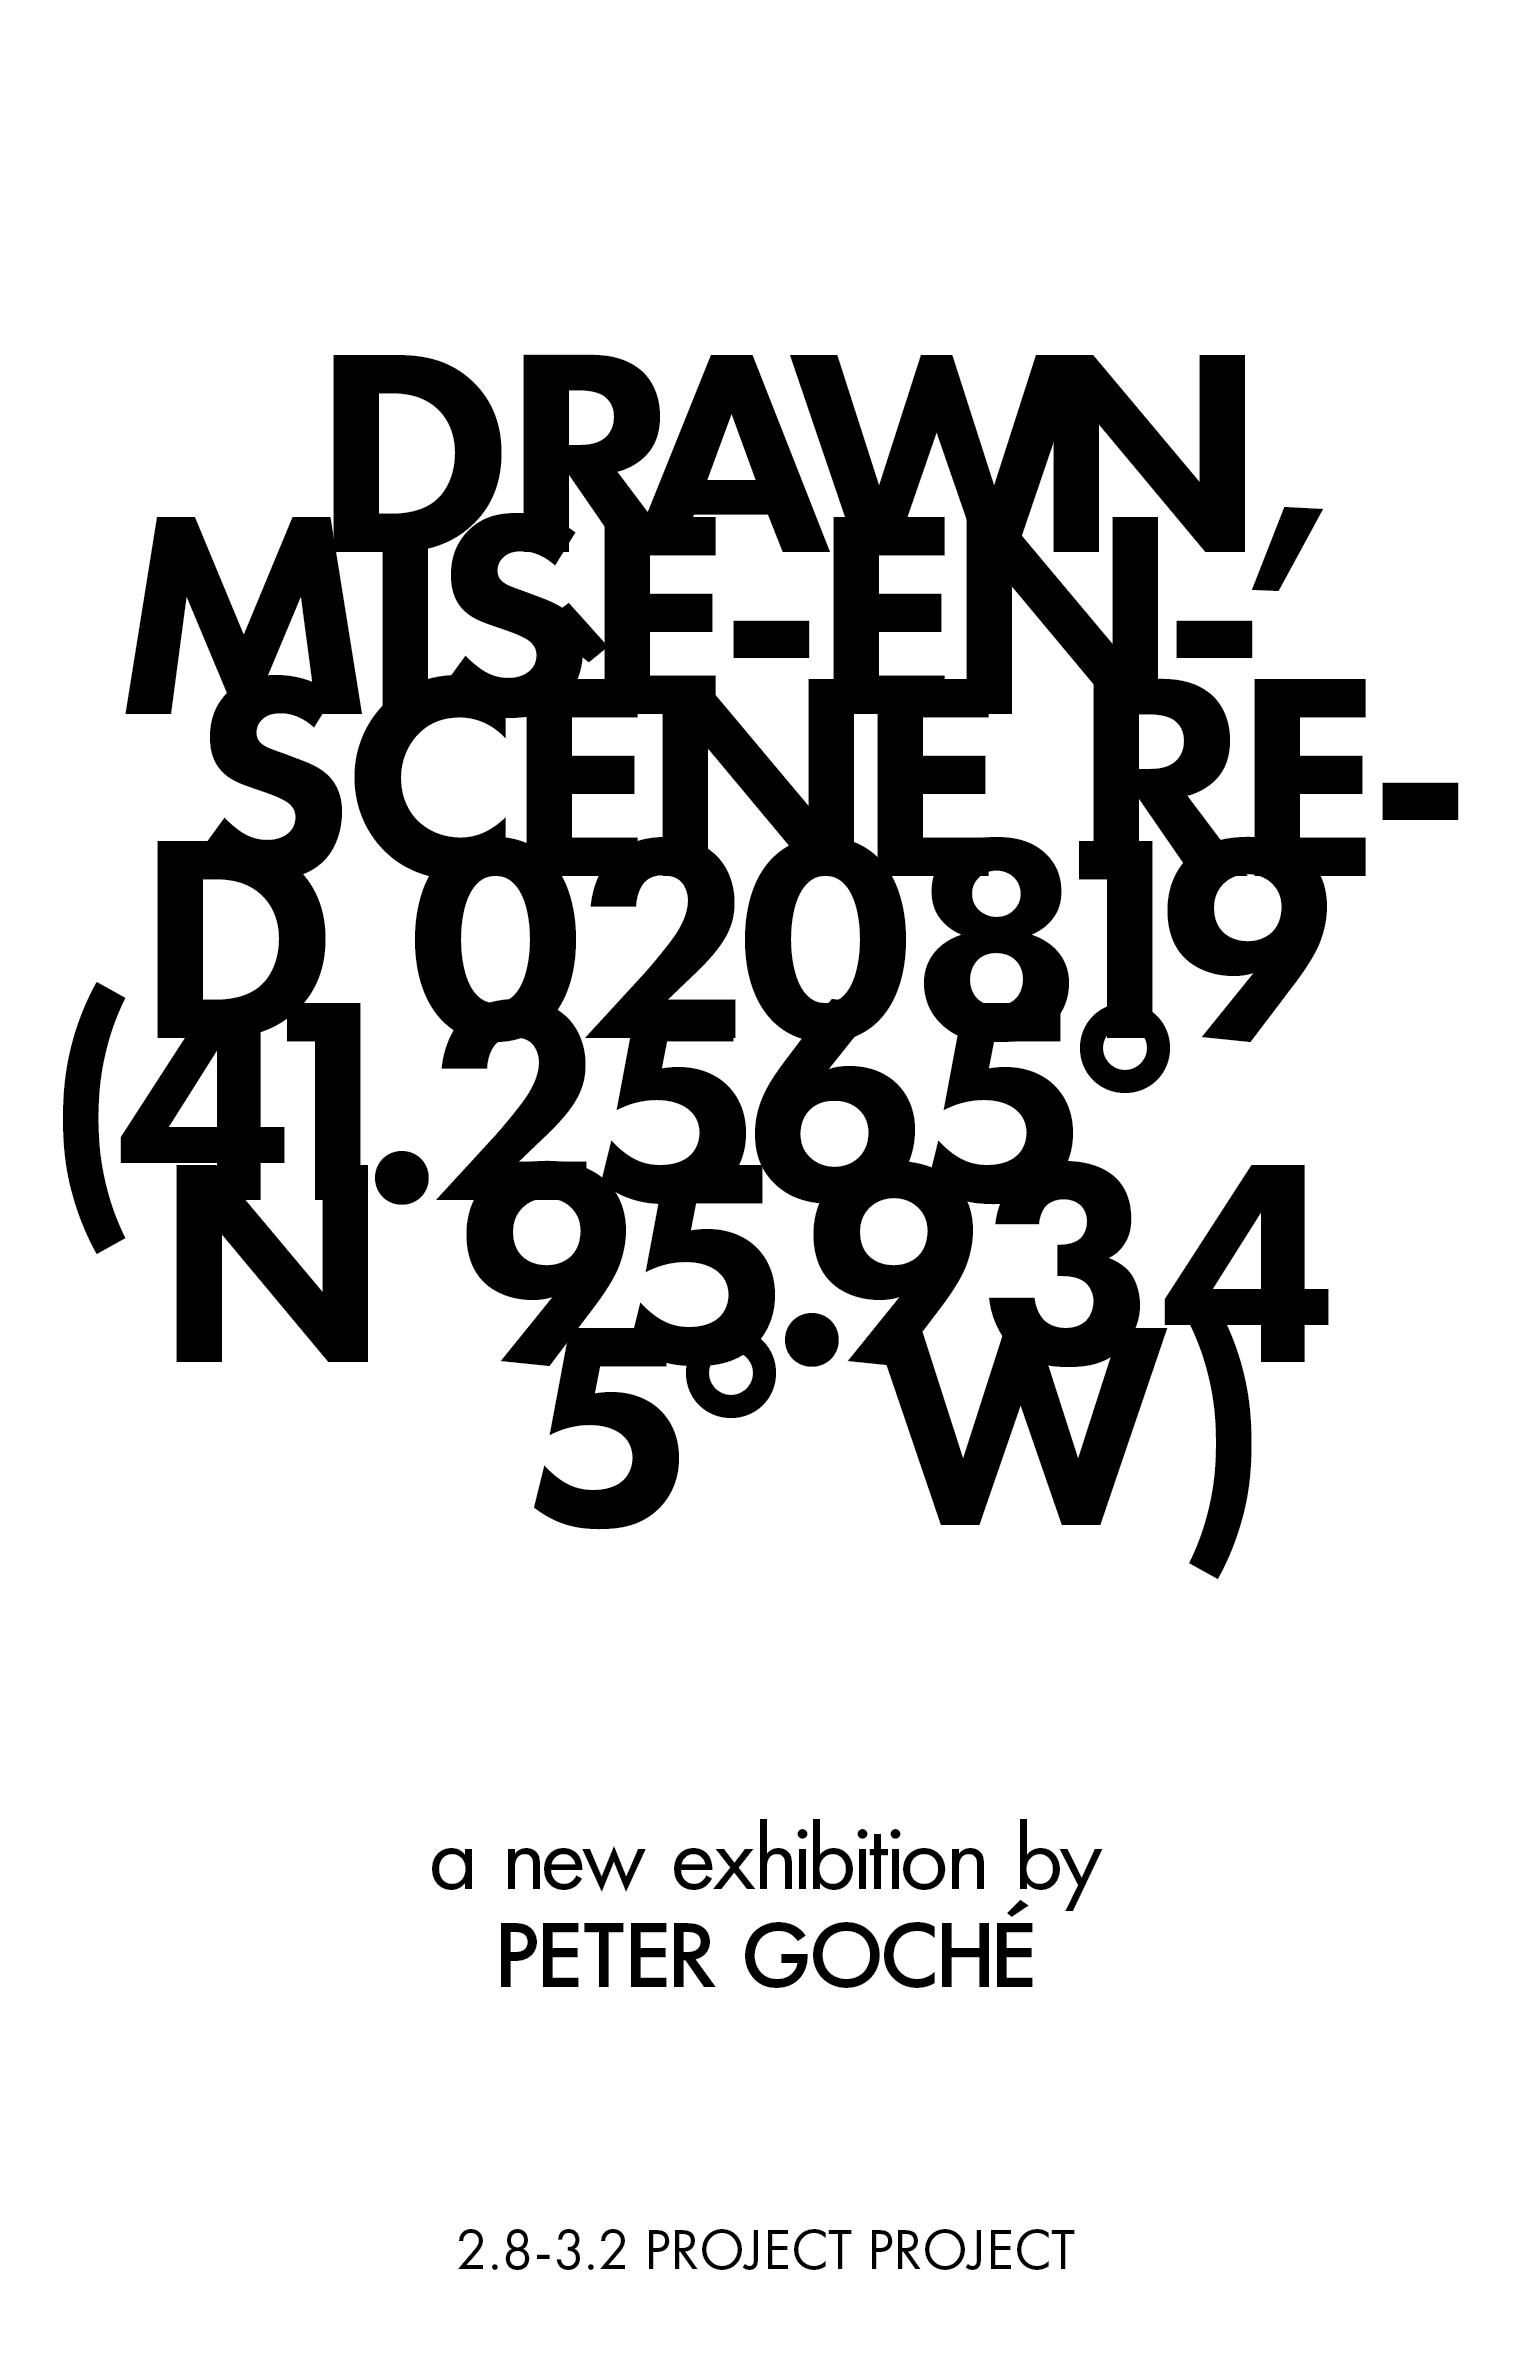 Drawn, Mise-en-scène Red 020819 (41.2565° N 95.9345° W) - Peter Goché